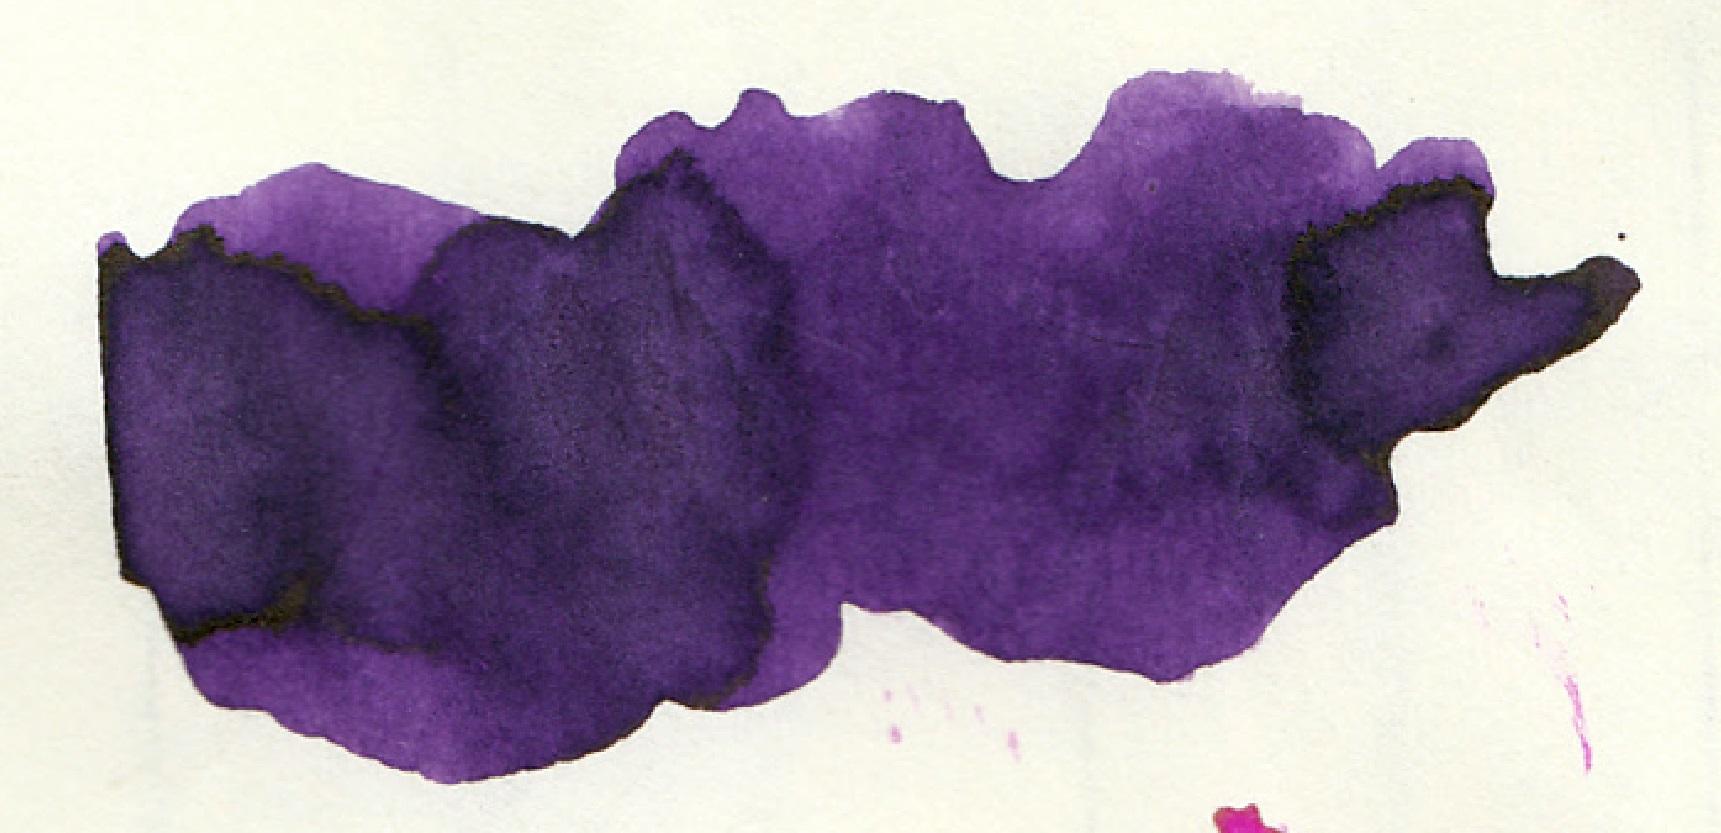 fpn_1455051720__violet_stdupont_tomoe_3.